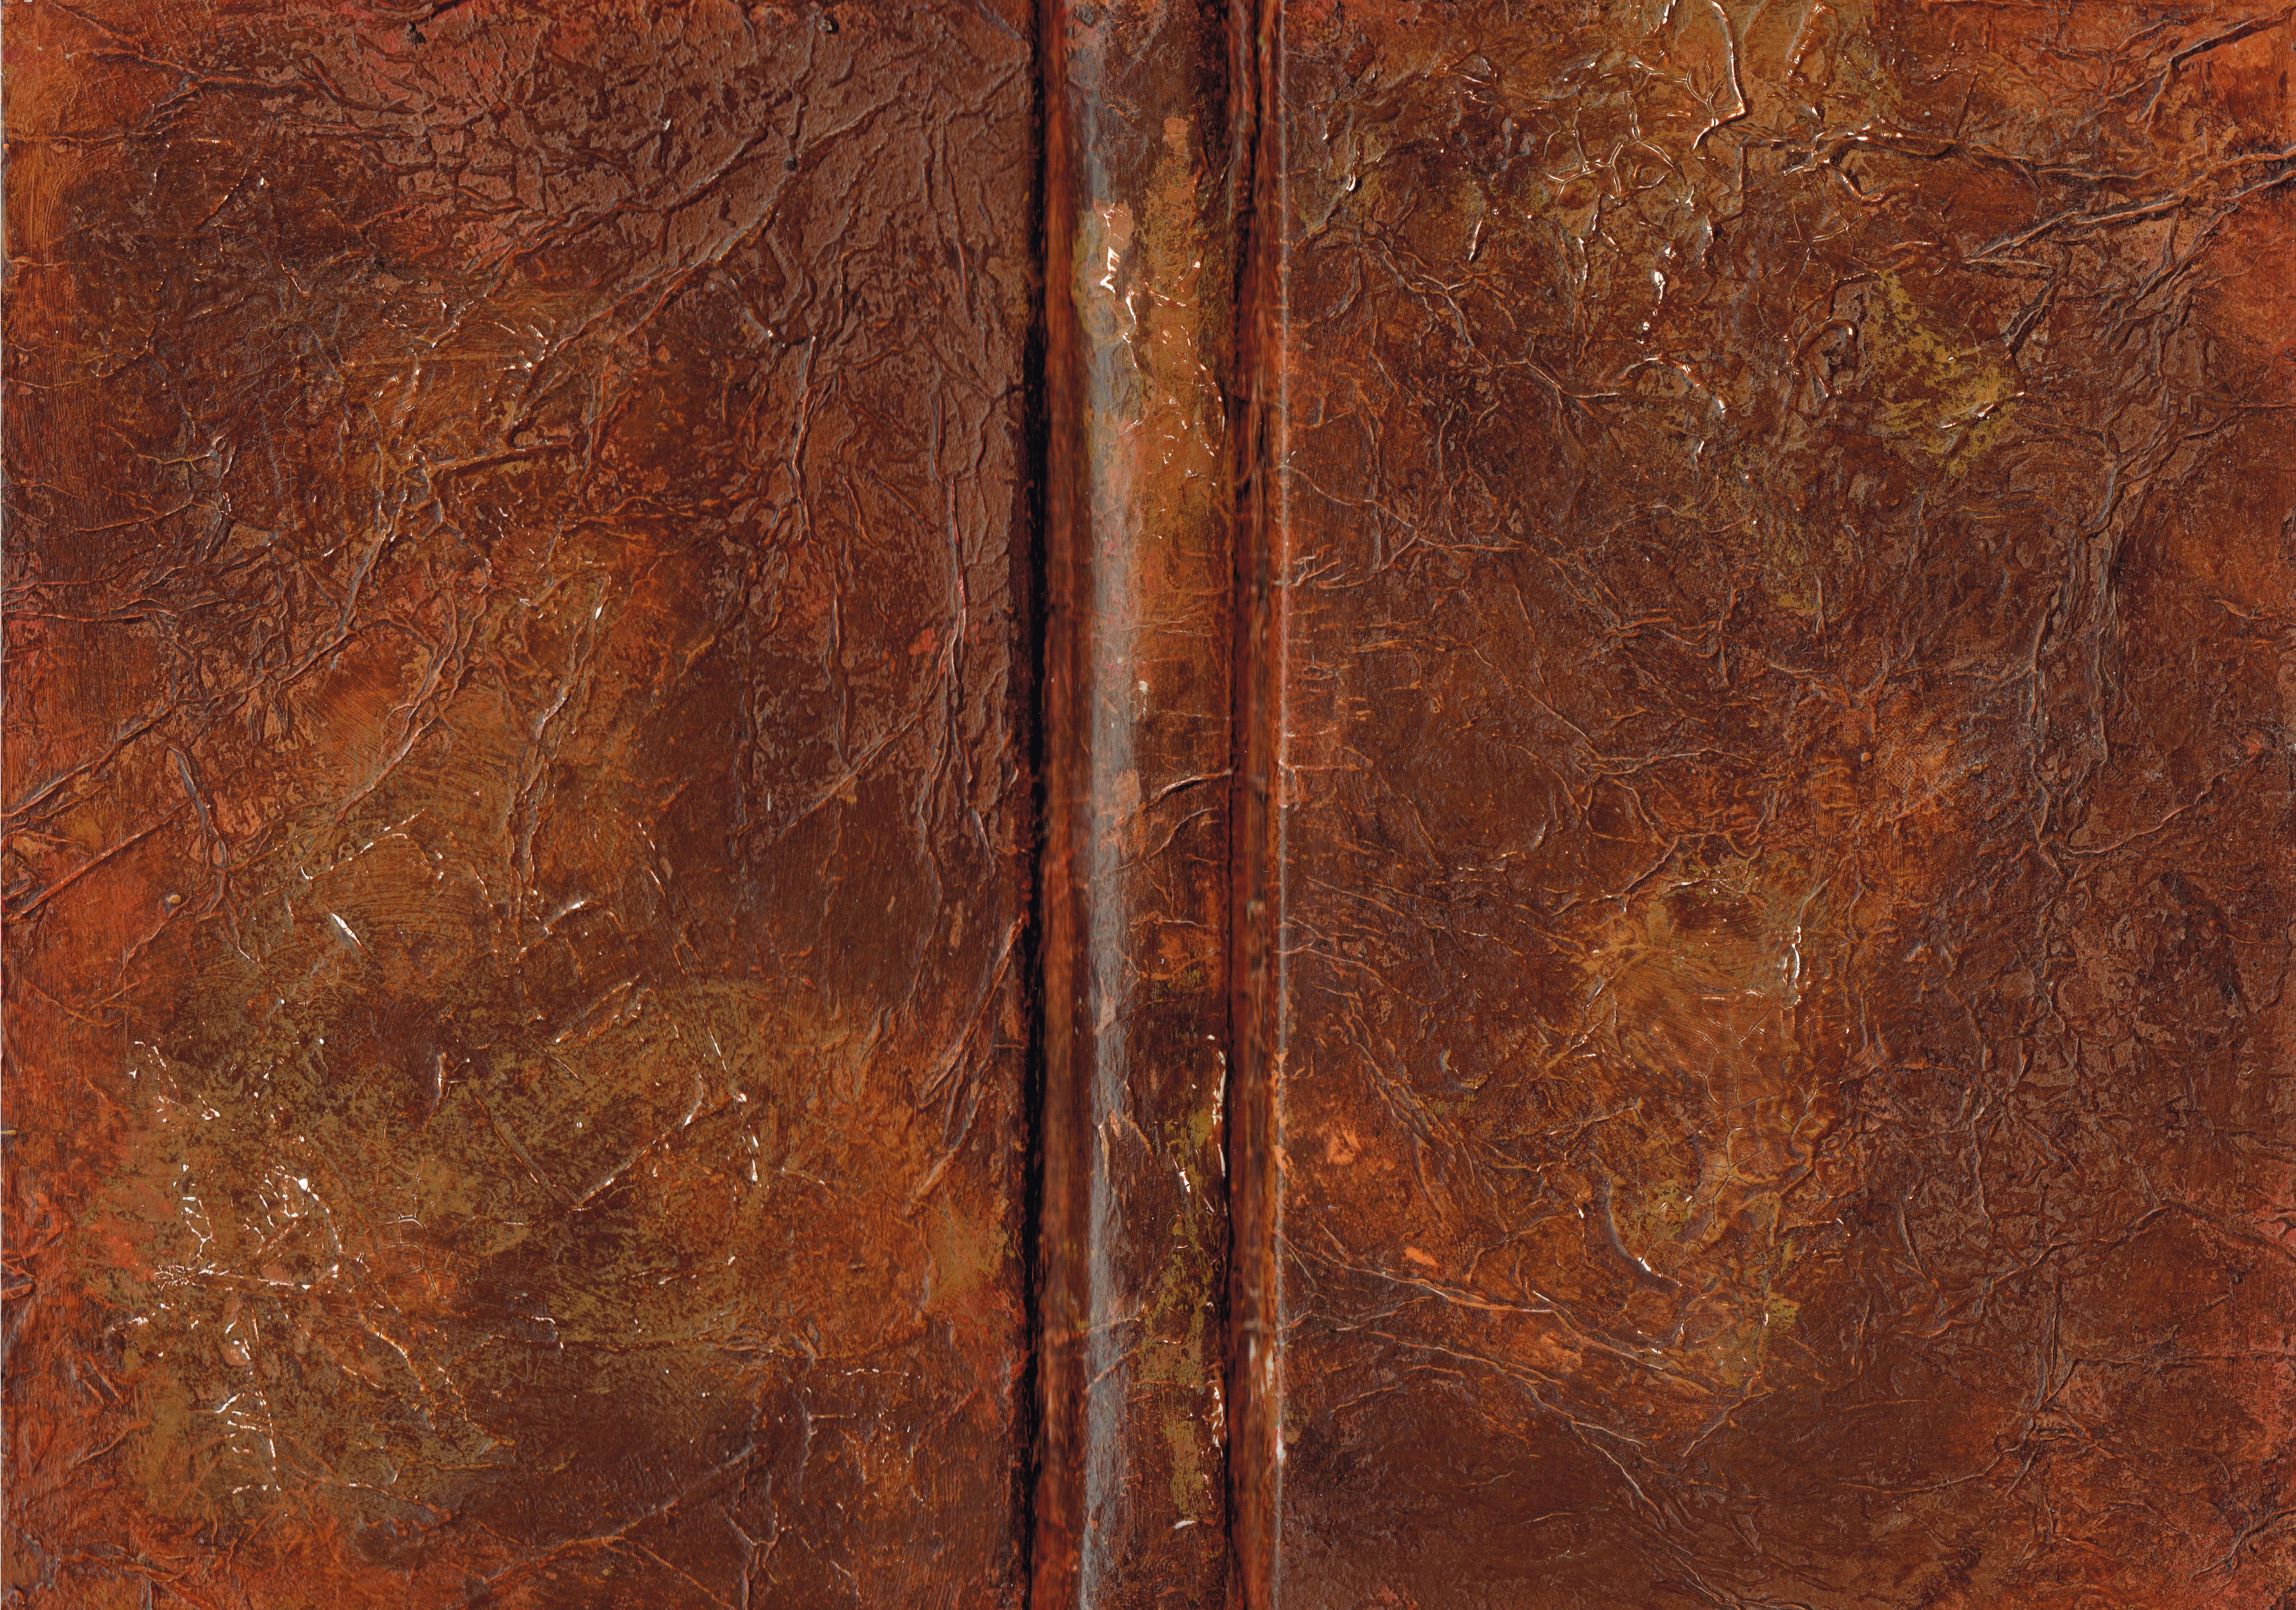 Couverture De Livre Peint Avec Un Effet De Vieux Cuir Book